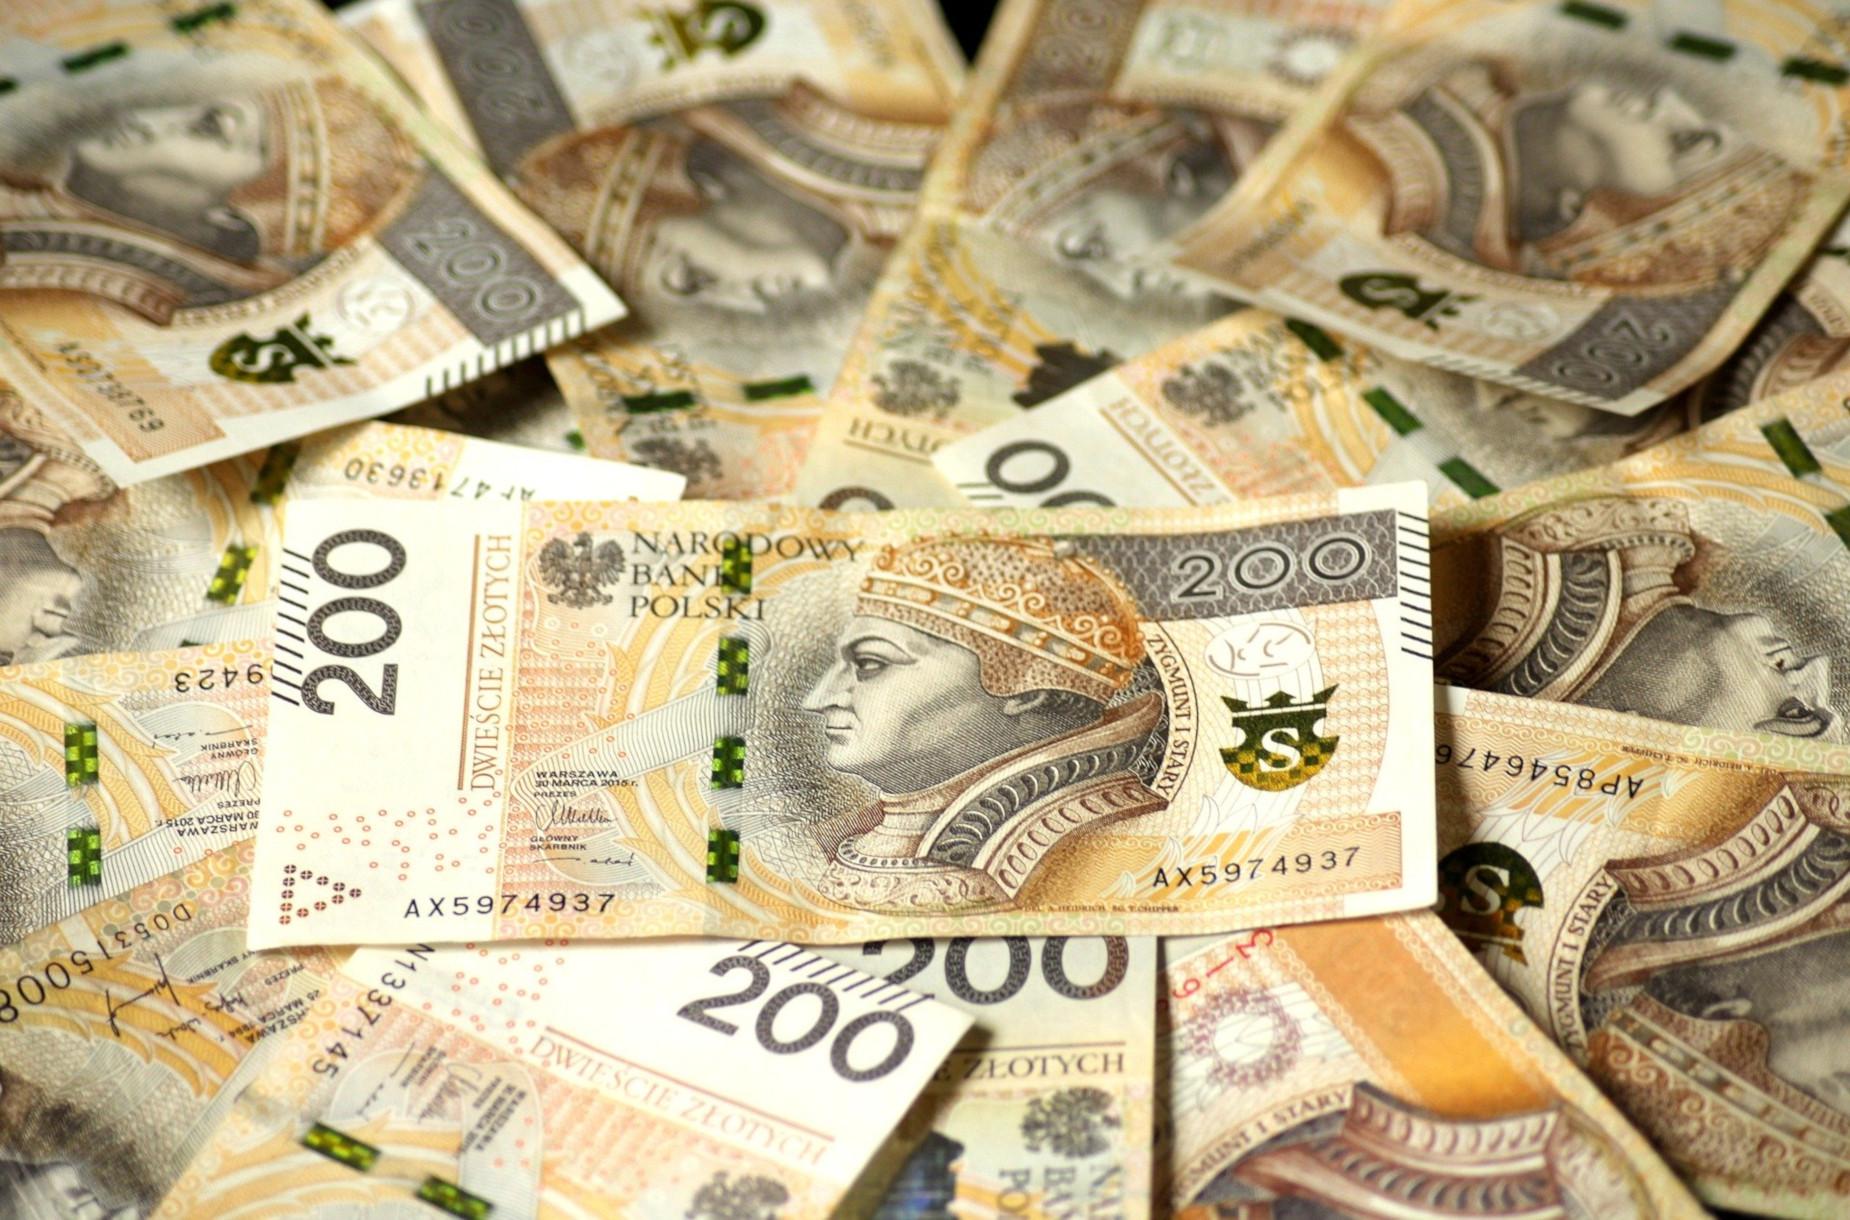 Ponad 51 mln zł dla pomorskich przedsiębiorców. Umowa z Bankiem Gospodarstwa Krajowego podpisana